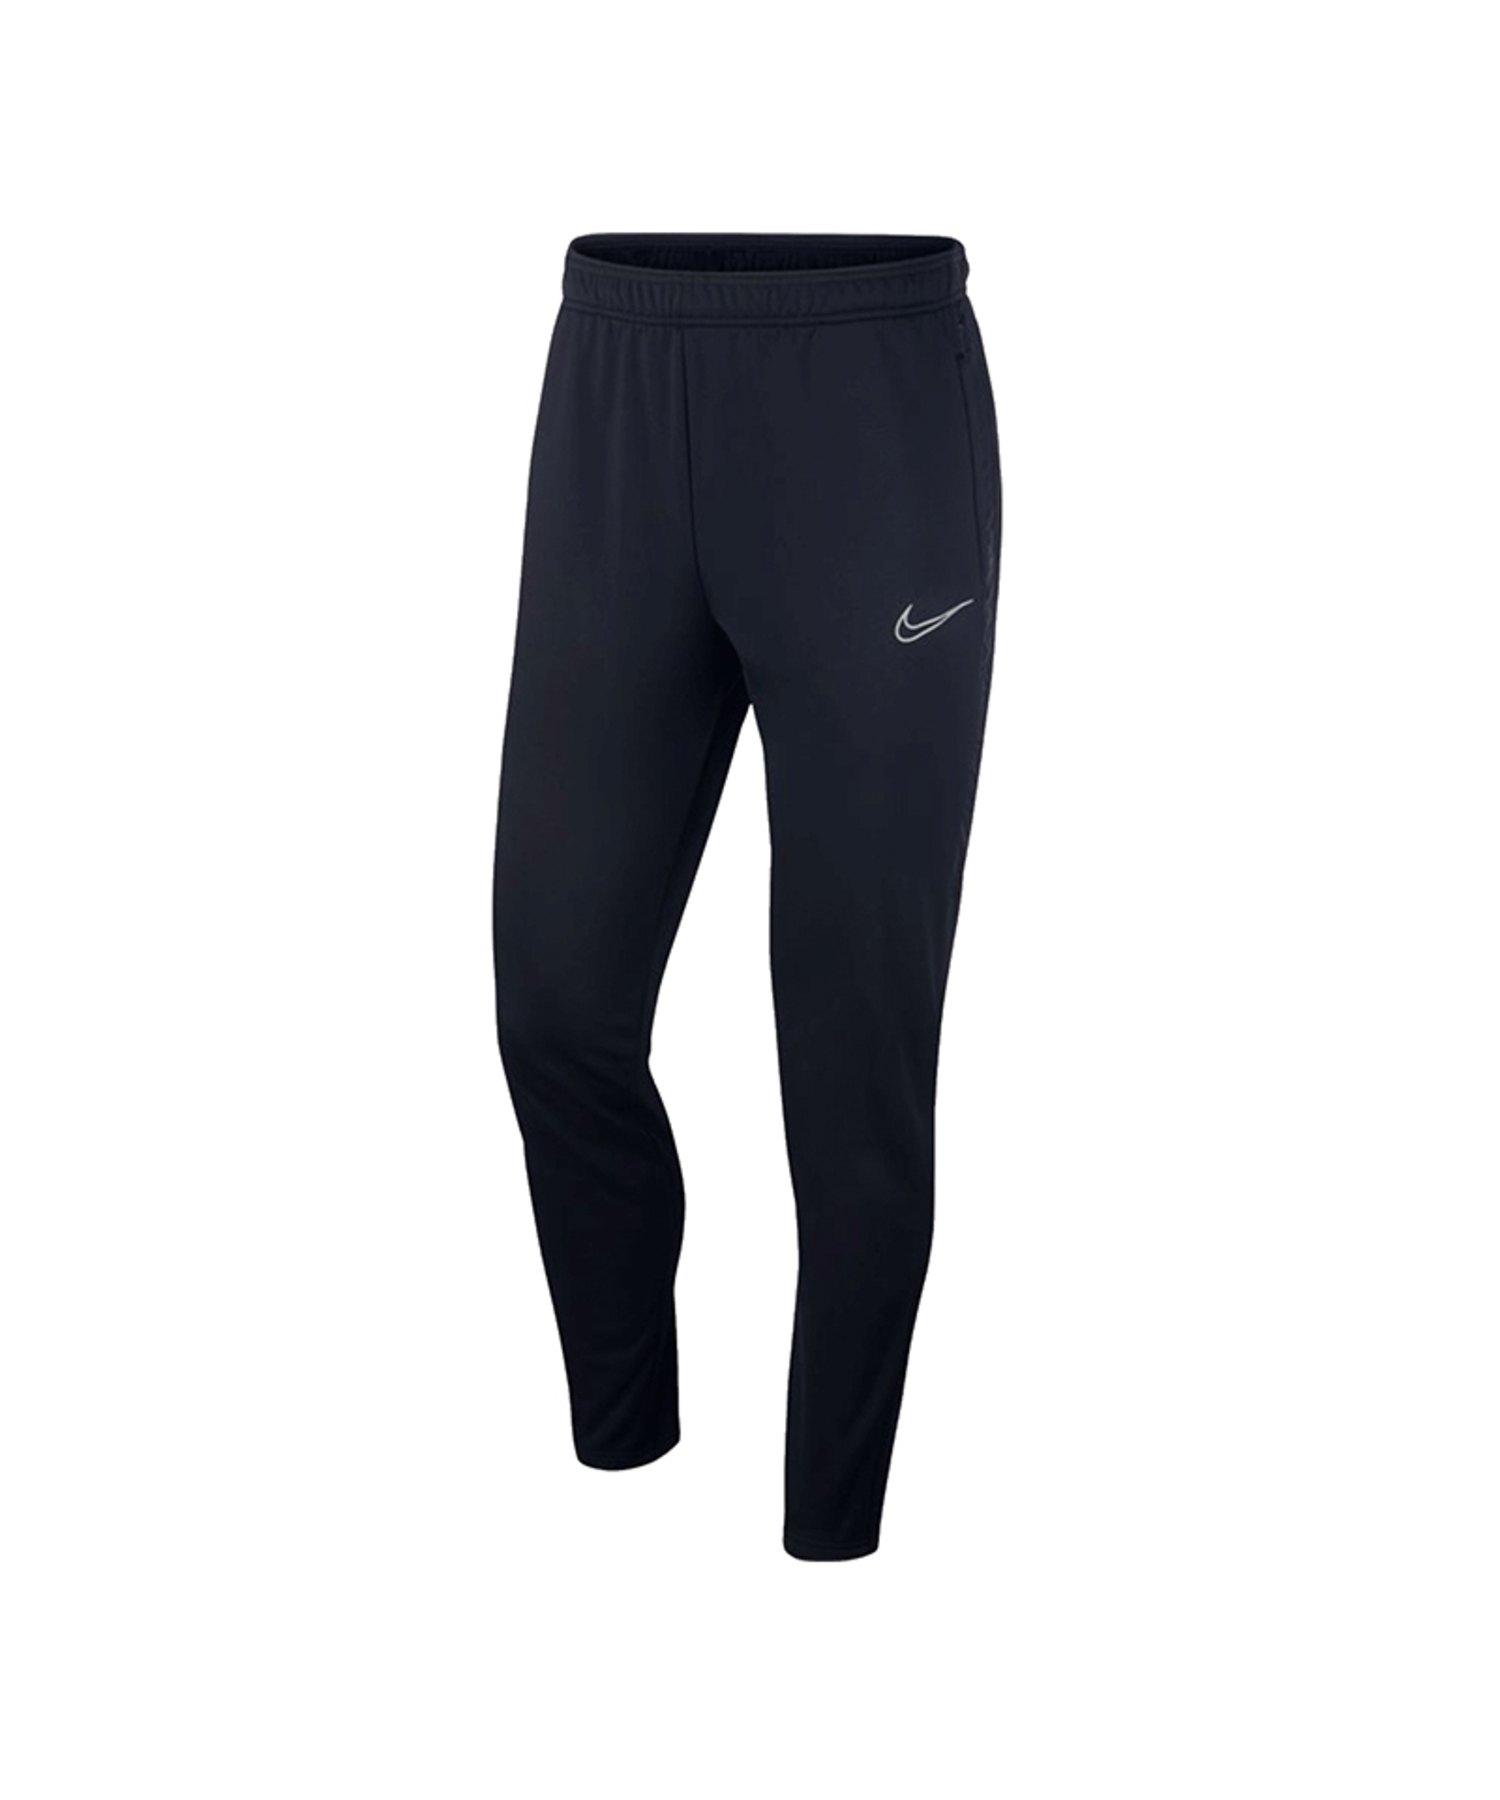 Nike Therma Academy Winter Warrior Trainingshose F010 - schwarz